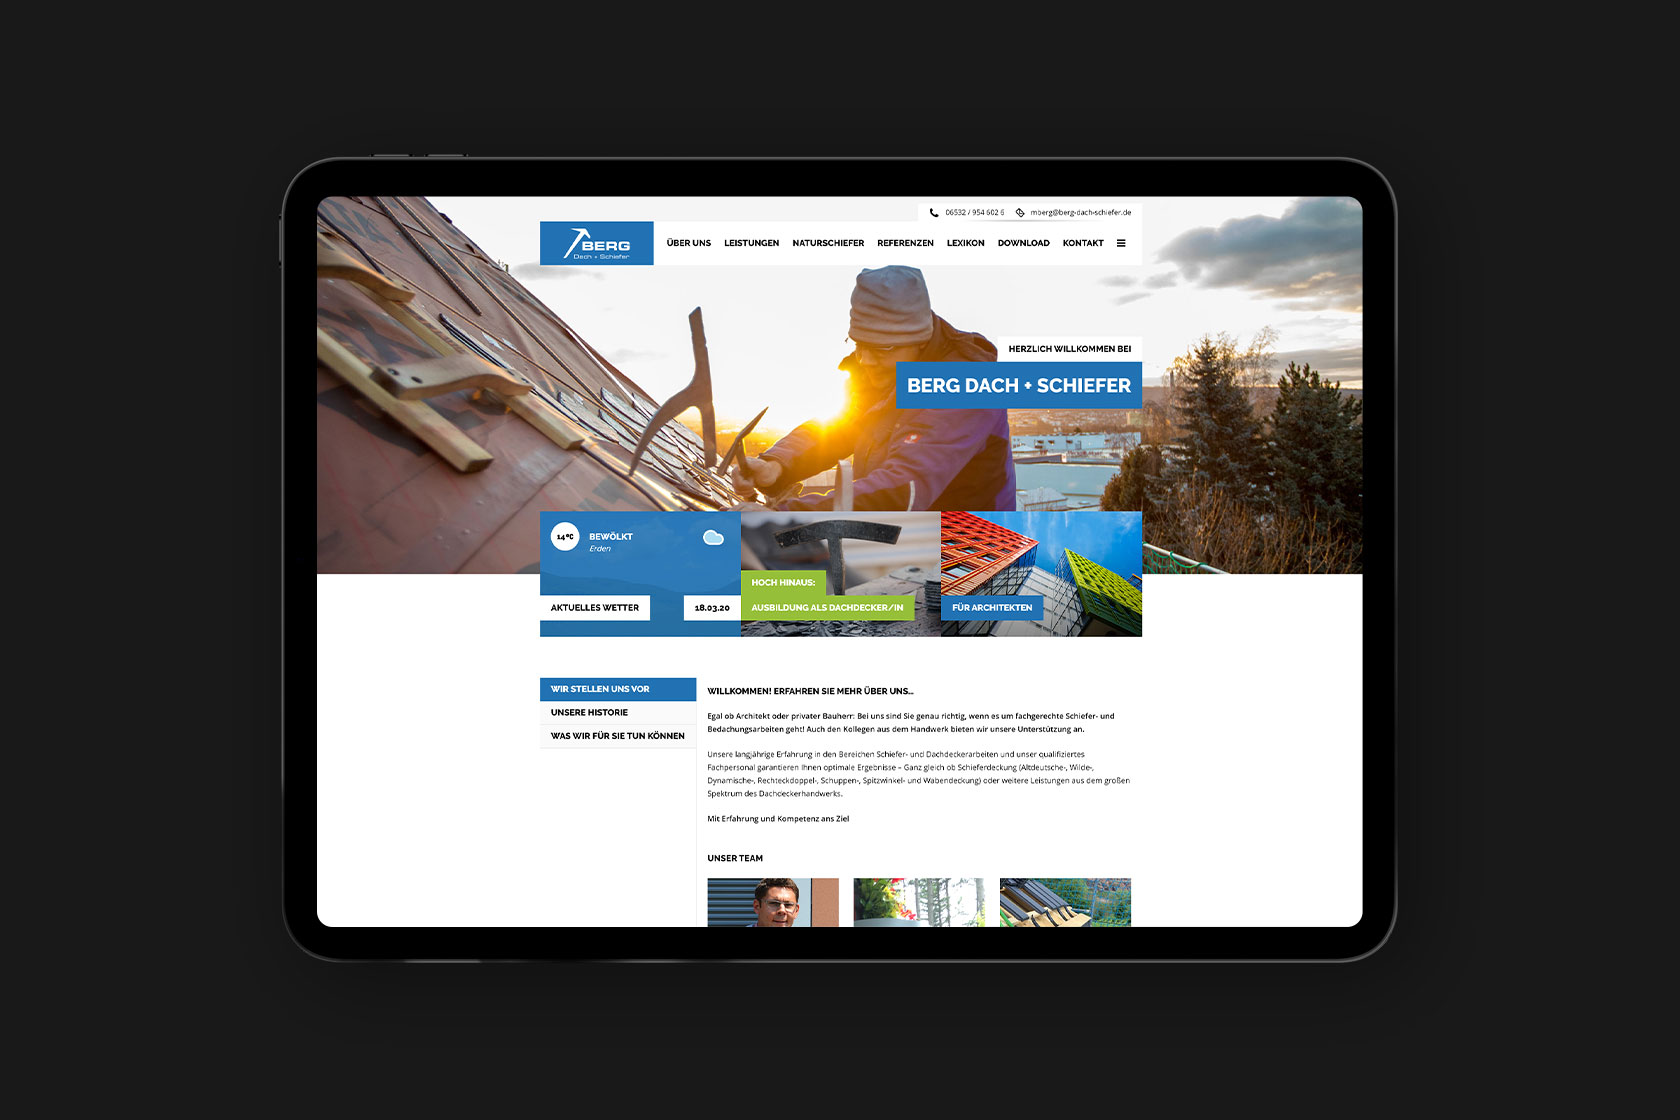 Webdesign für Berg Dach + Schiefer aus Erden